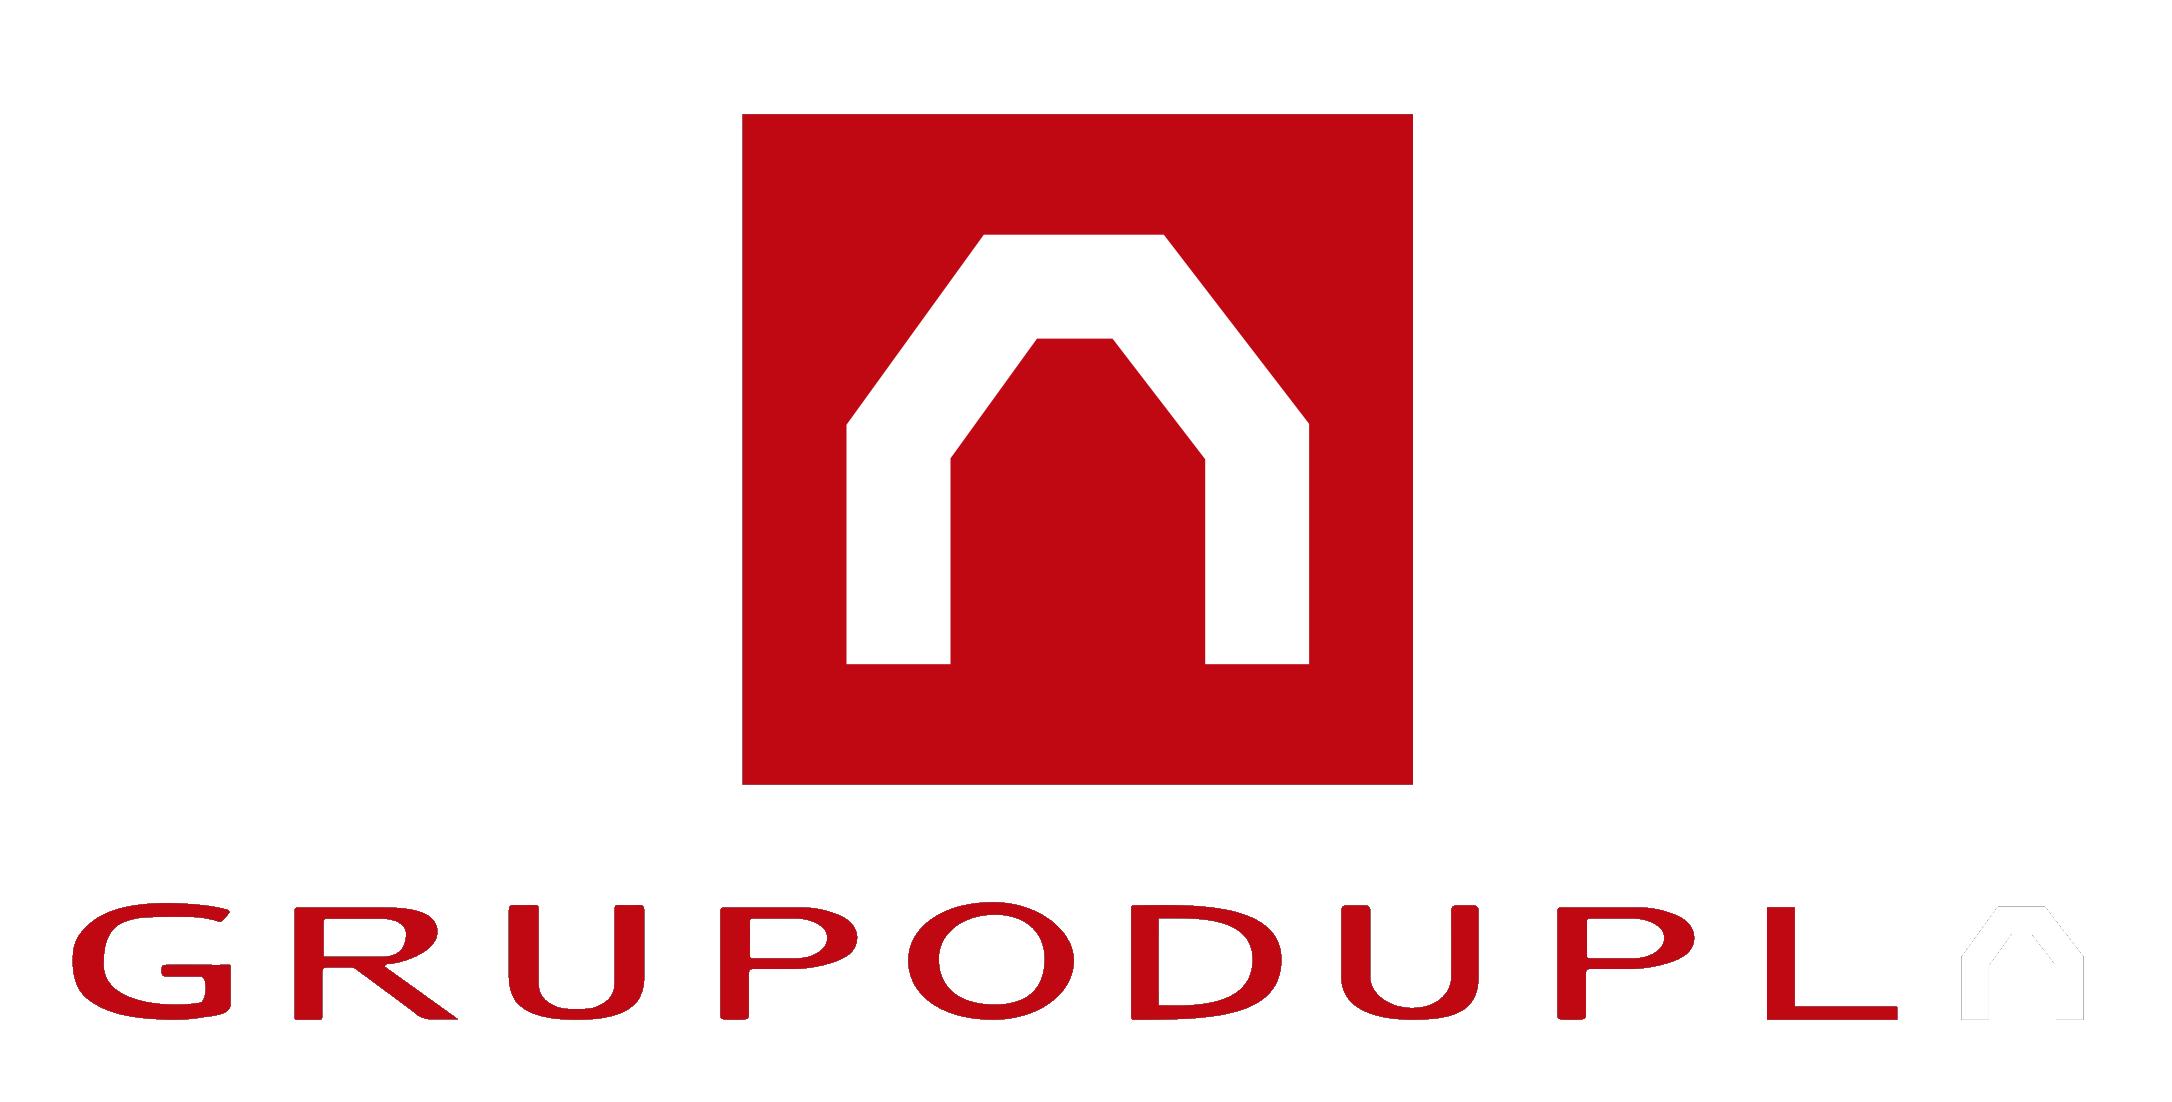 Grupo Dupla